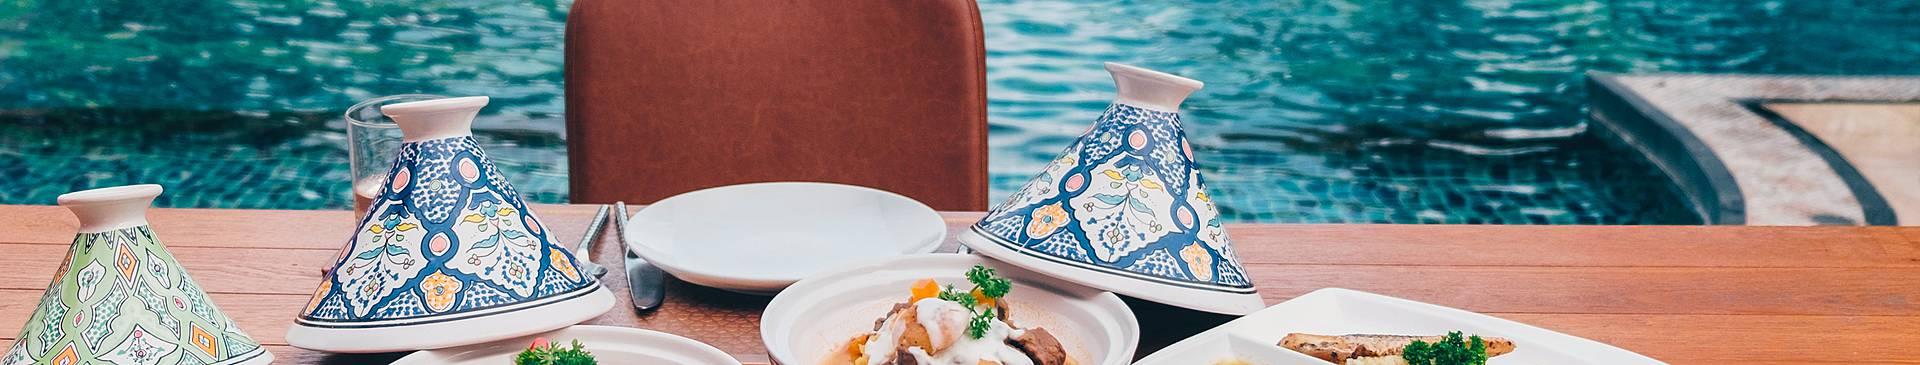 Luxury travel Morocco